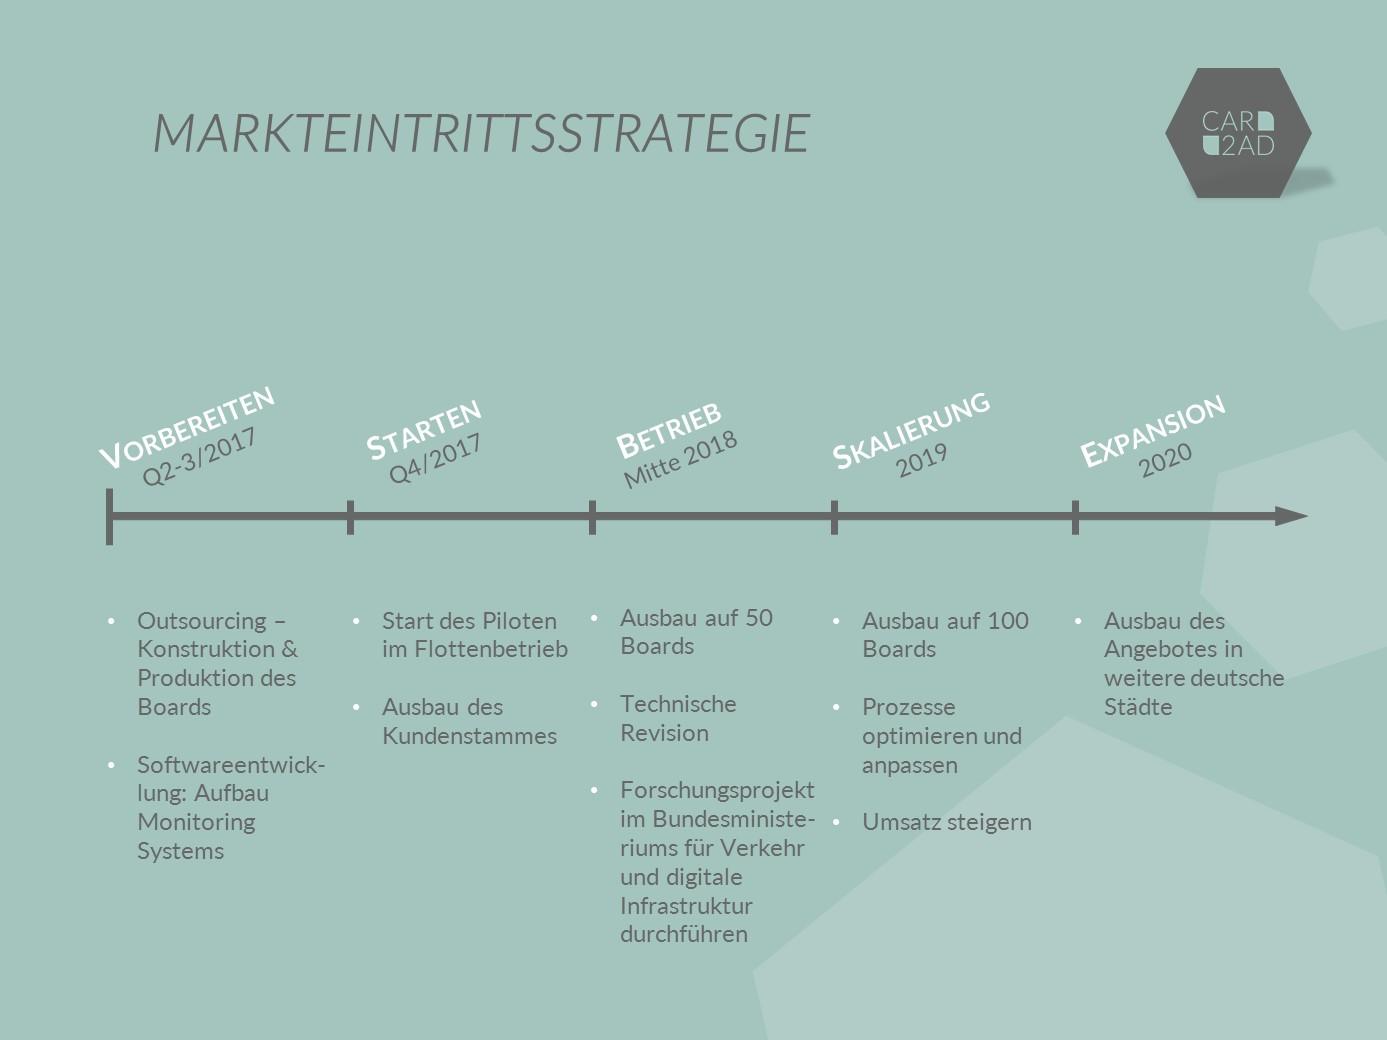 Markteintrittstrategie